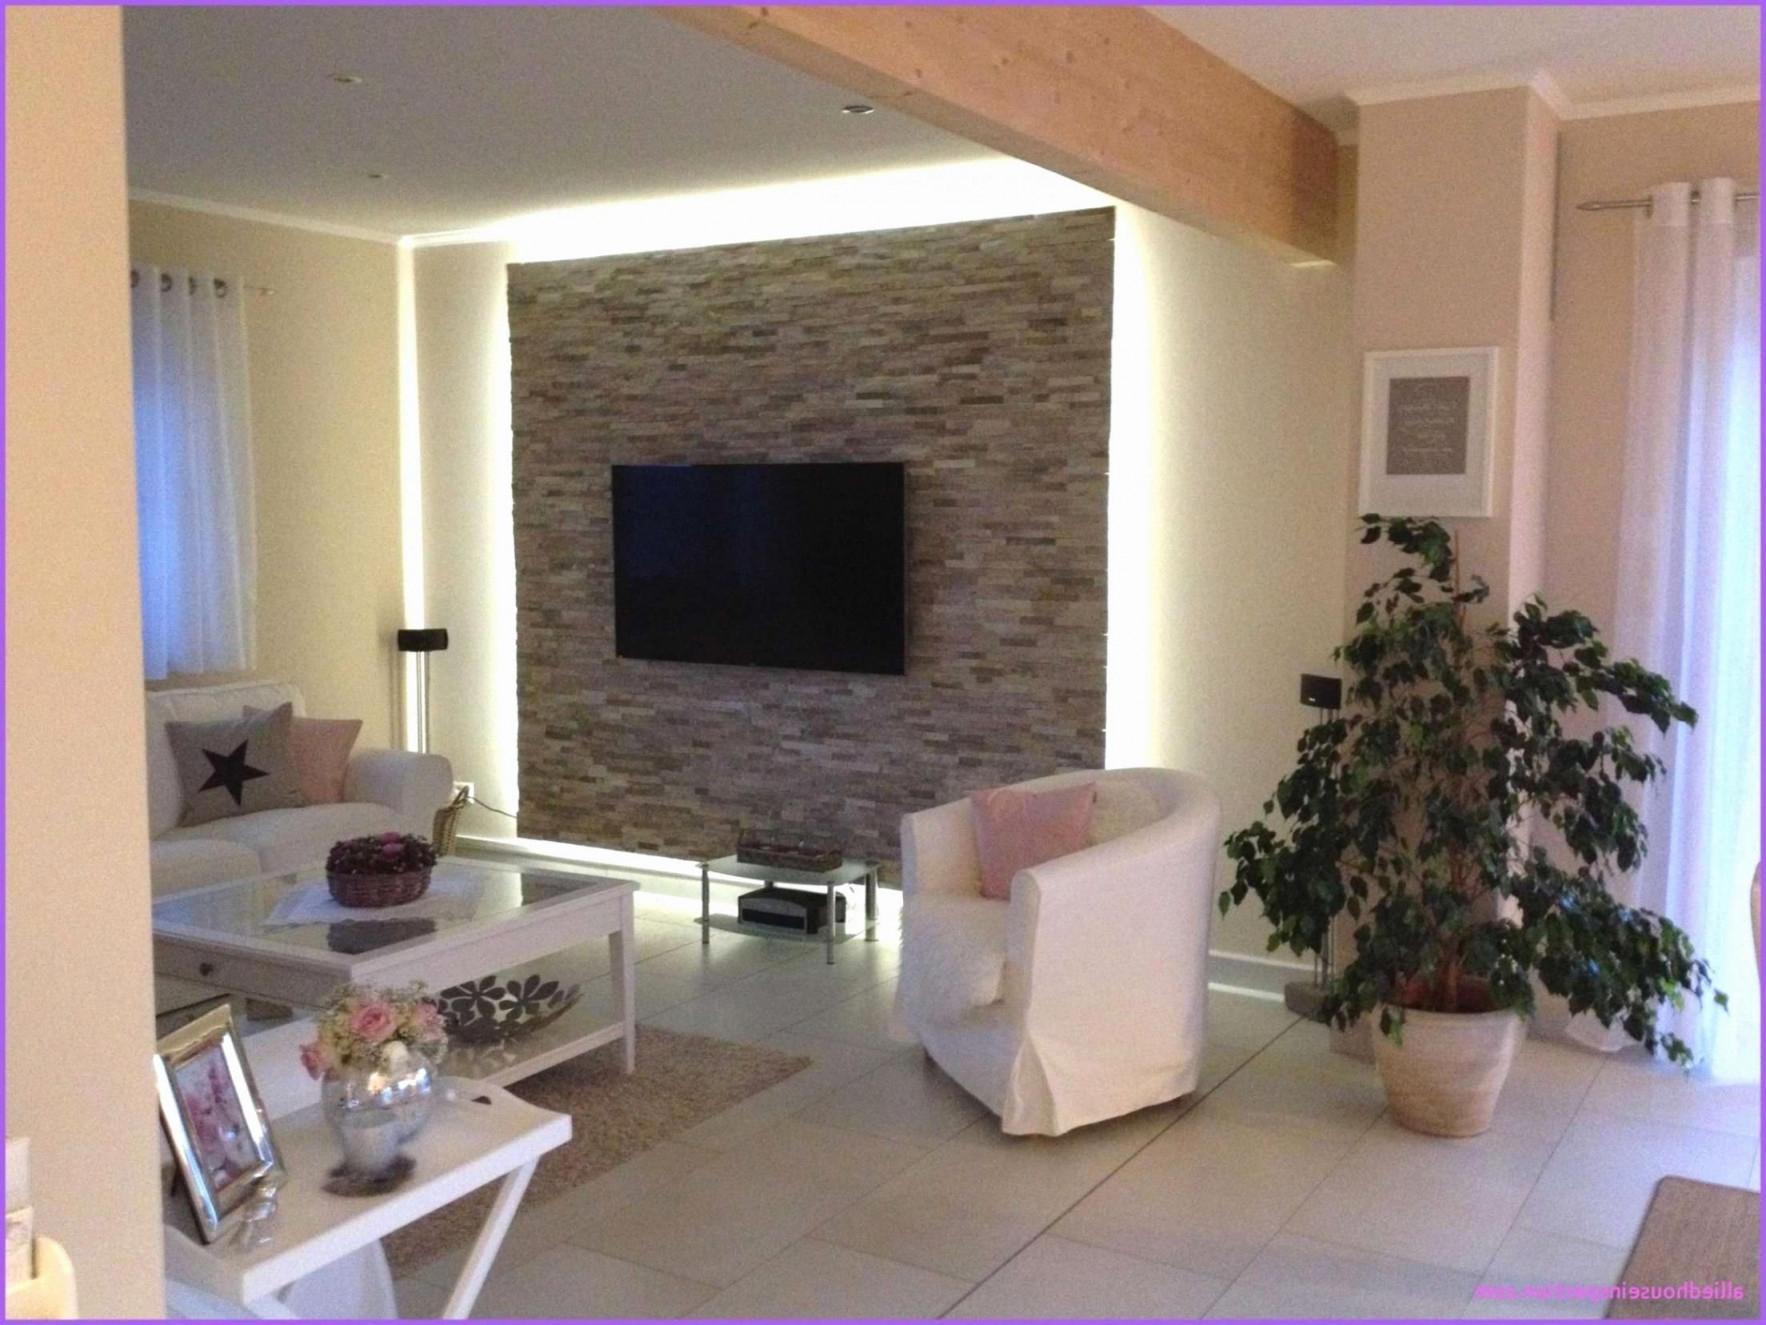 Kleines Wohnzimmer Einrichten Kleines Wohnzimmer Mit von Wohnzimmer Mit Essbereich Einrichten Bild